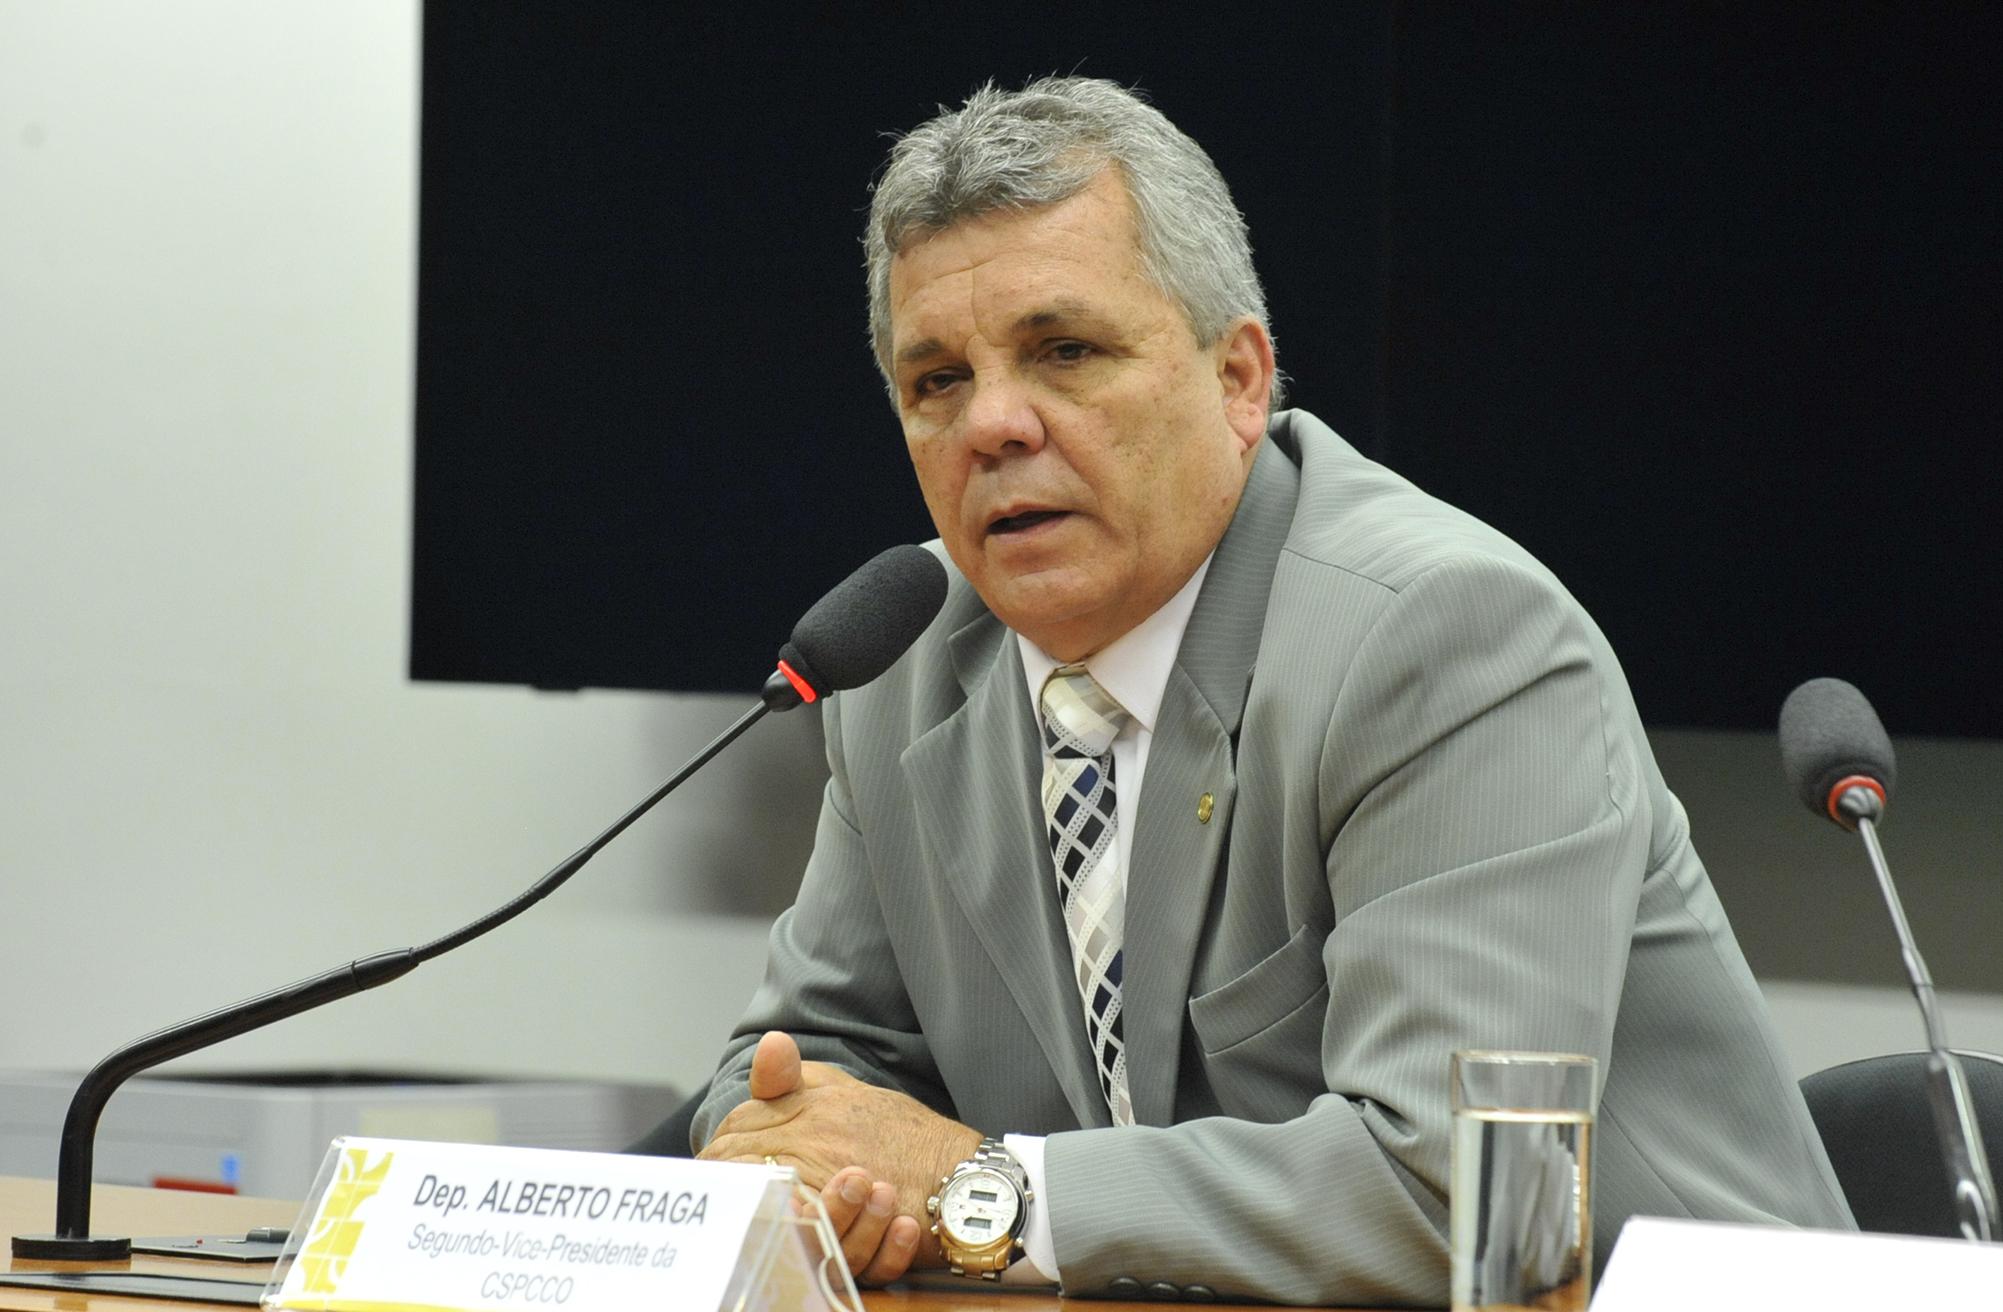 Reunião de instalação da comissão e eleição do Presidente e dos Vice-Presidente. Dep. Alberto Fraga (DEM-DF)